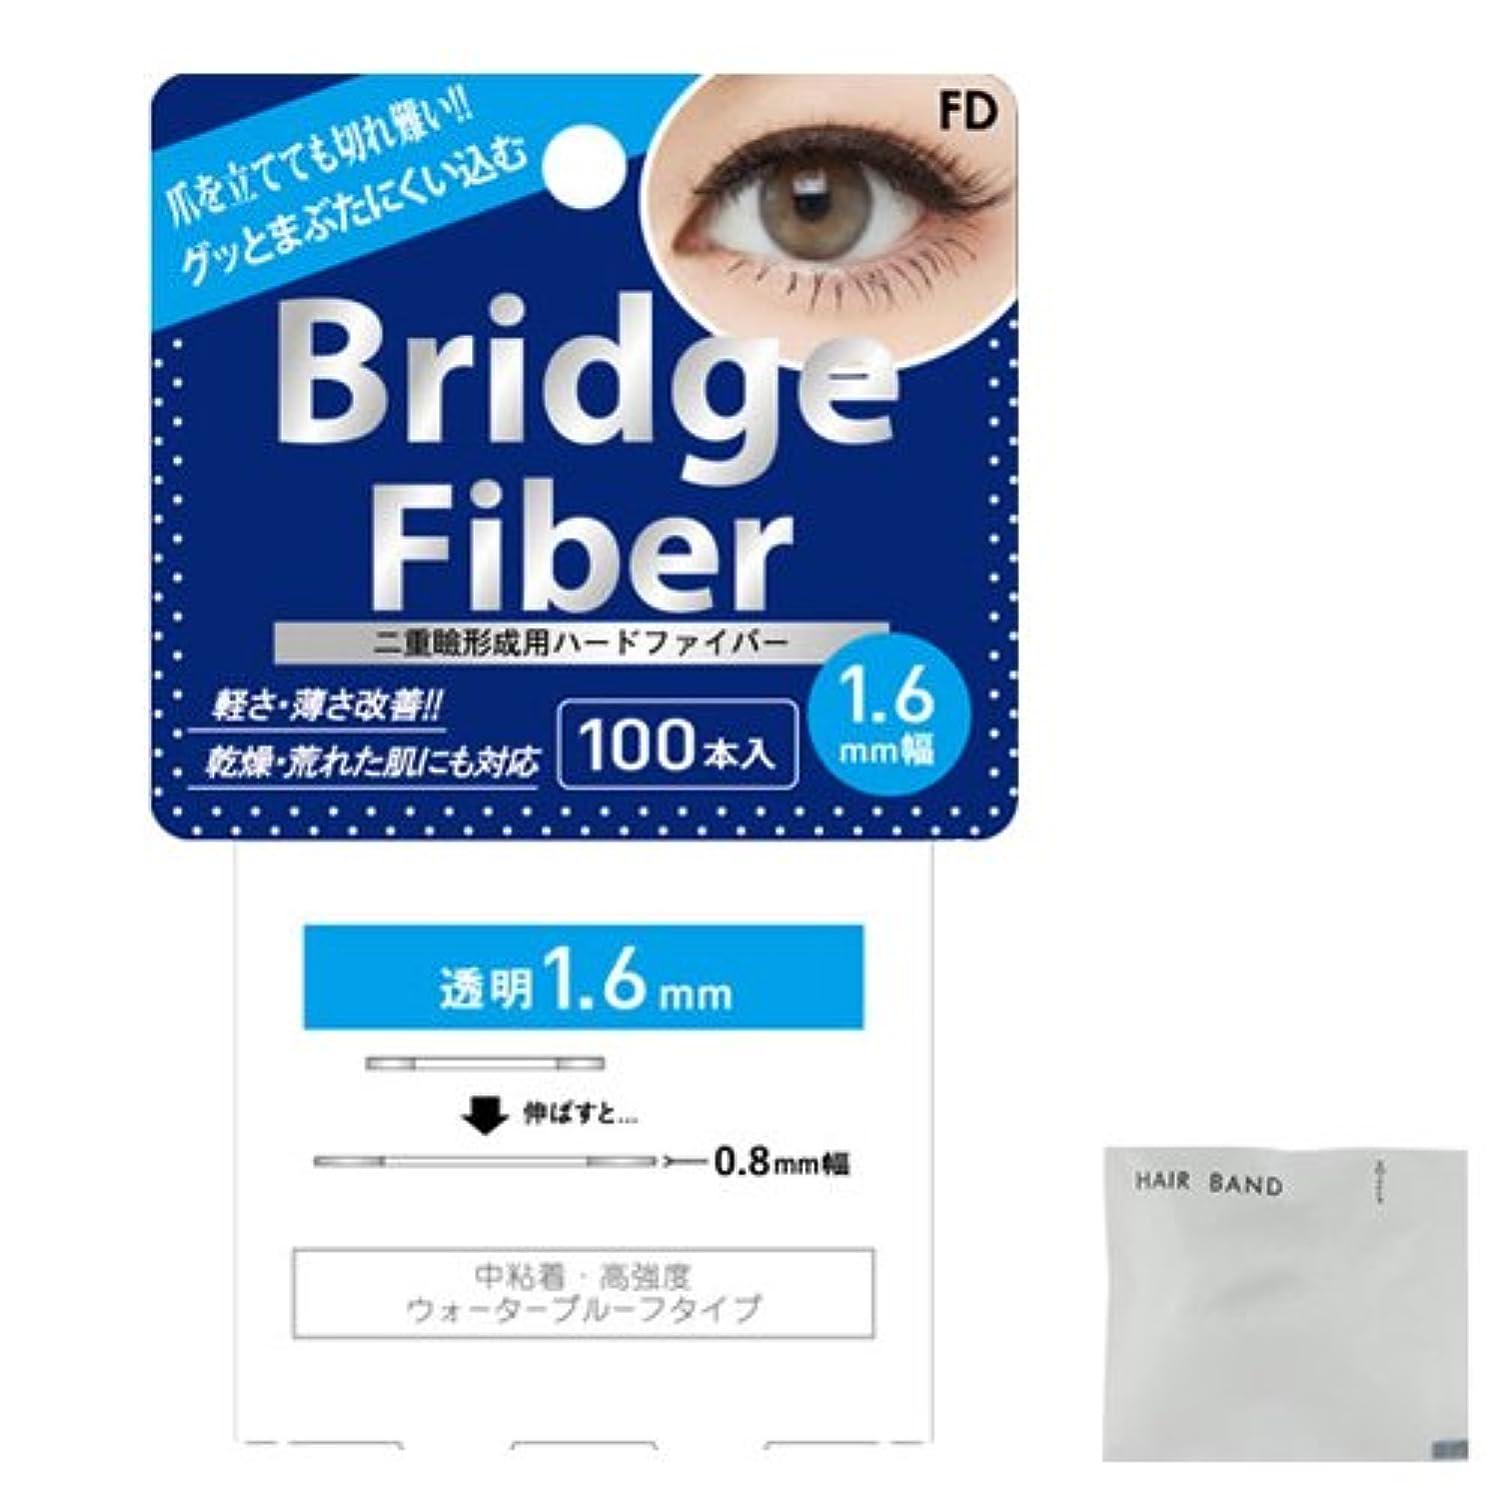 輝く微弱帰するFD ブリッジファイバーⅡ (Bridge Fiber) クリア1.6mm + ヘアゴム(カラーはおまかせ)セット